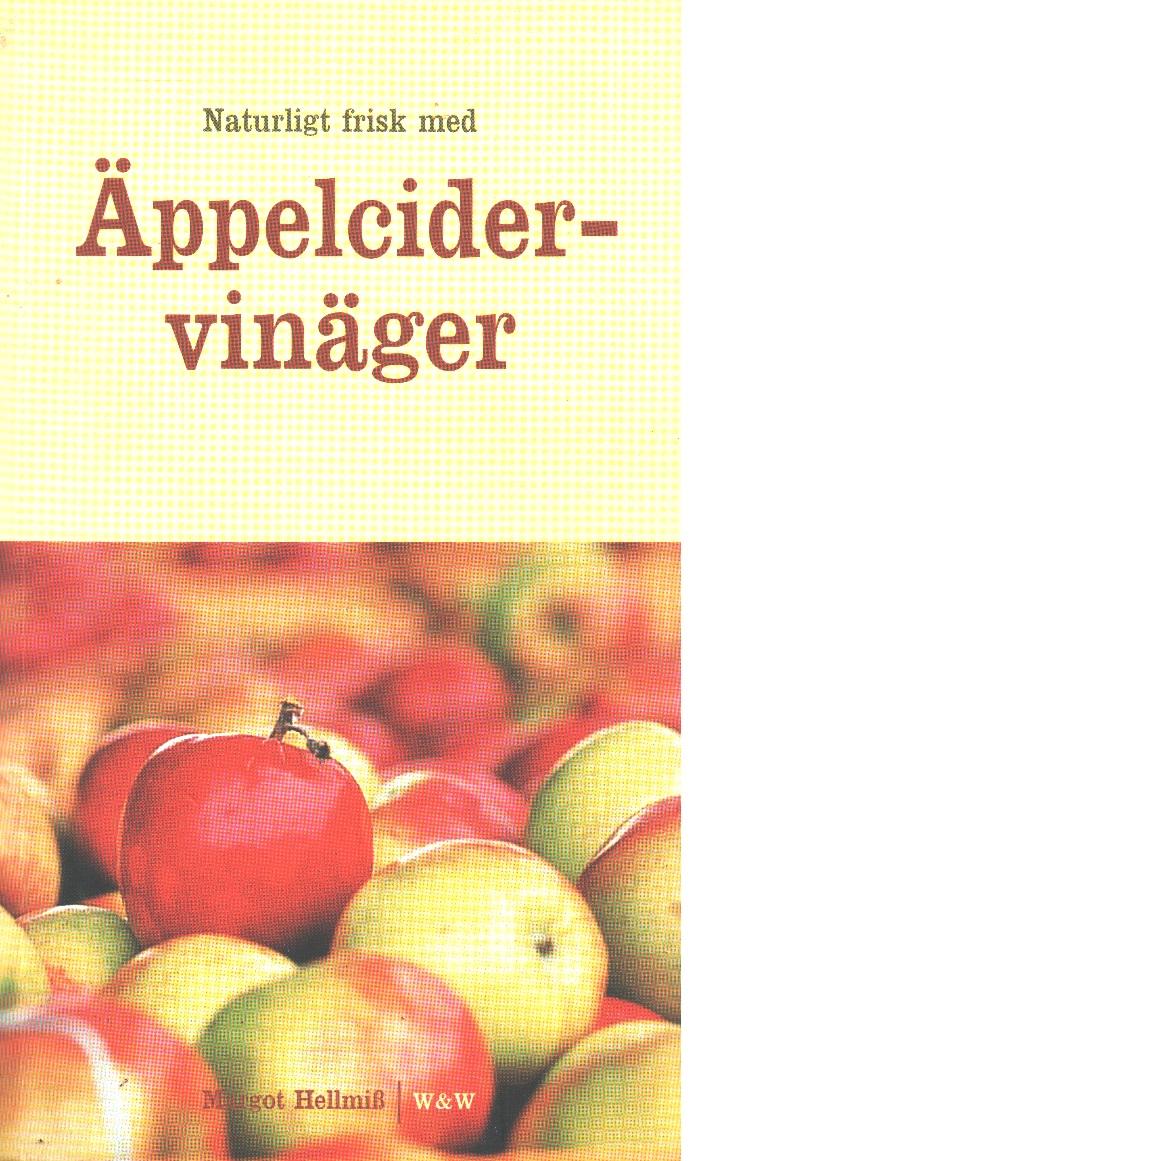 Naturligt frisk med äppelcidervinäger - Hellmiss, Margot